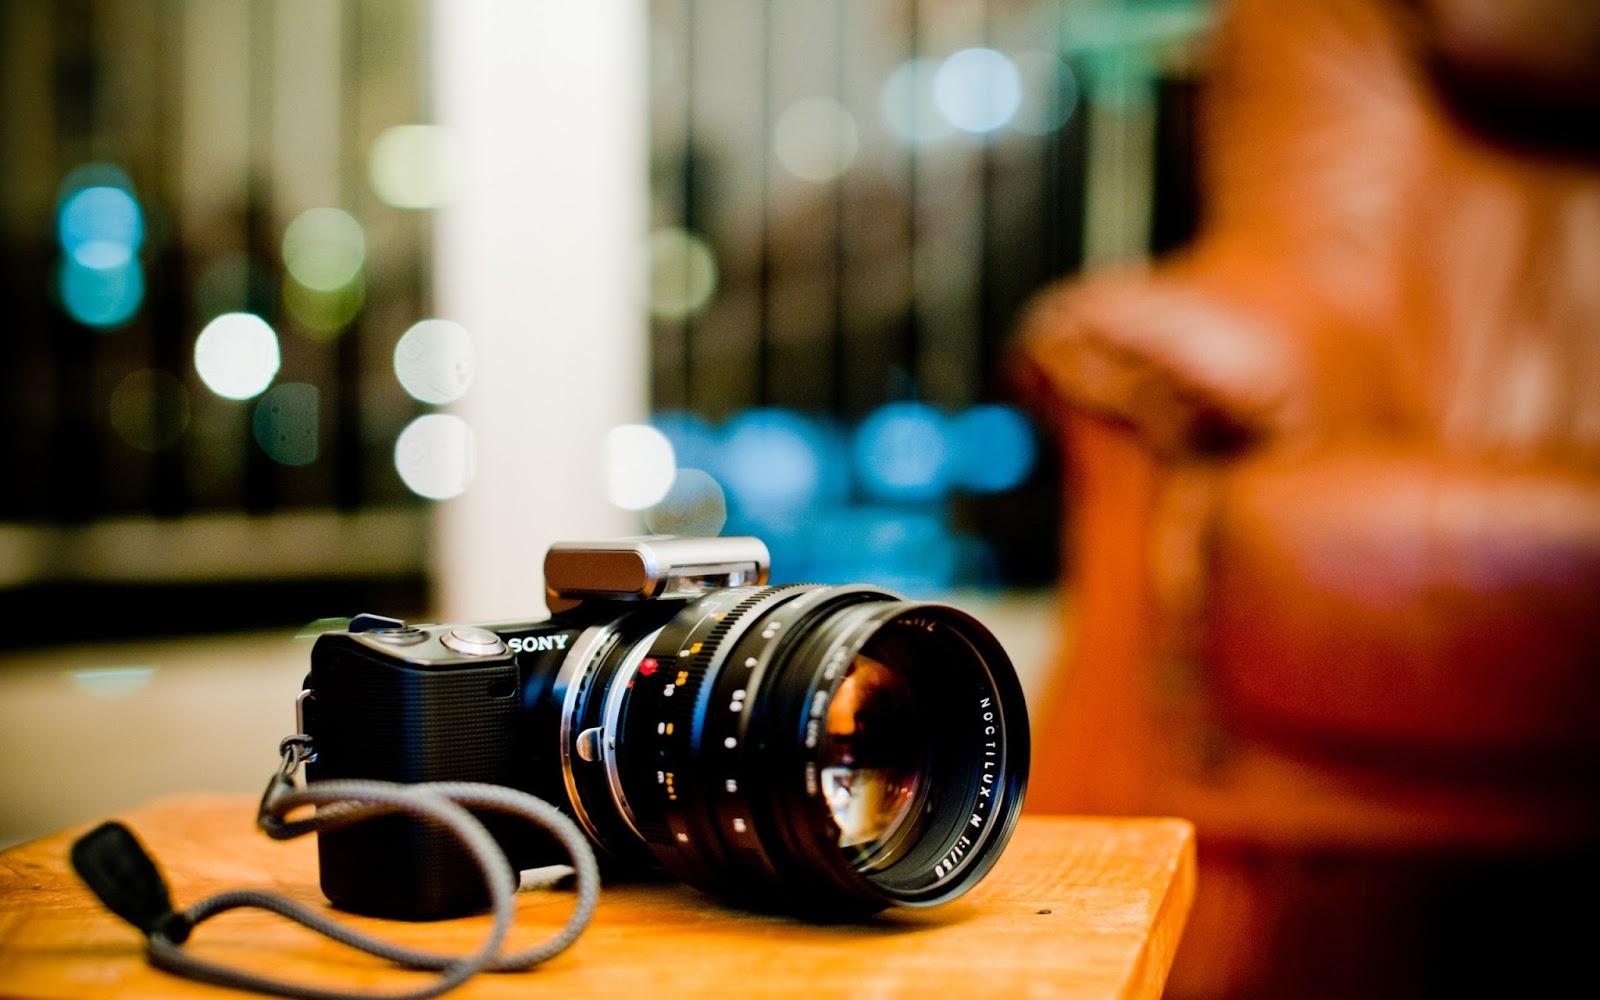 Фотолюбитель и профессиионал. Как отличить?